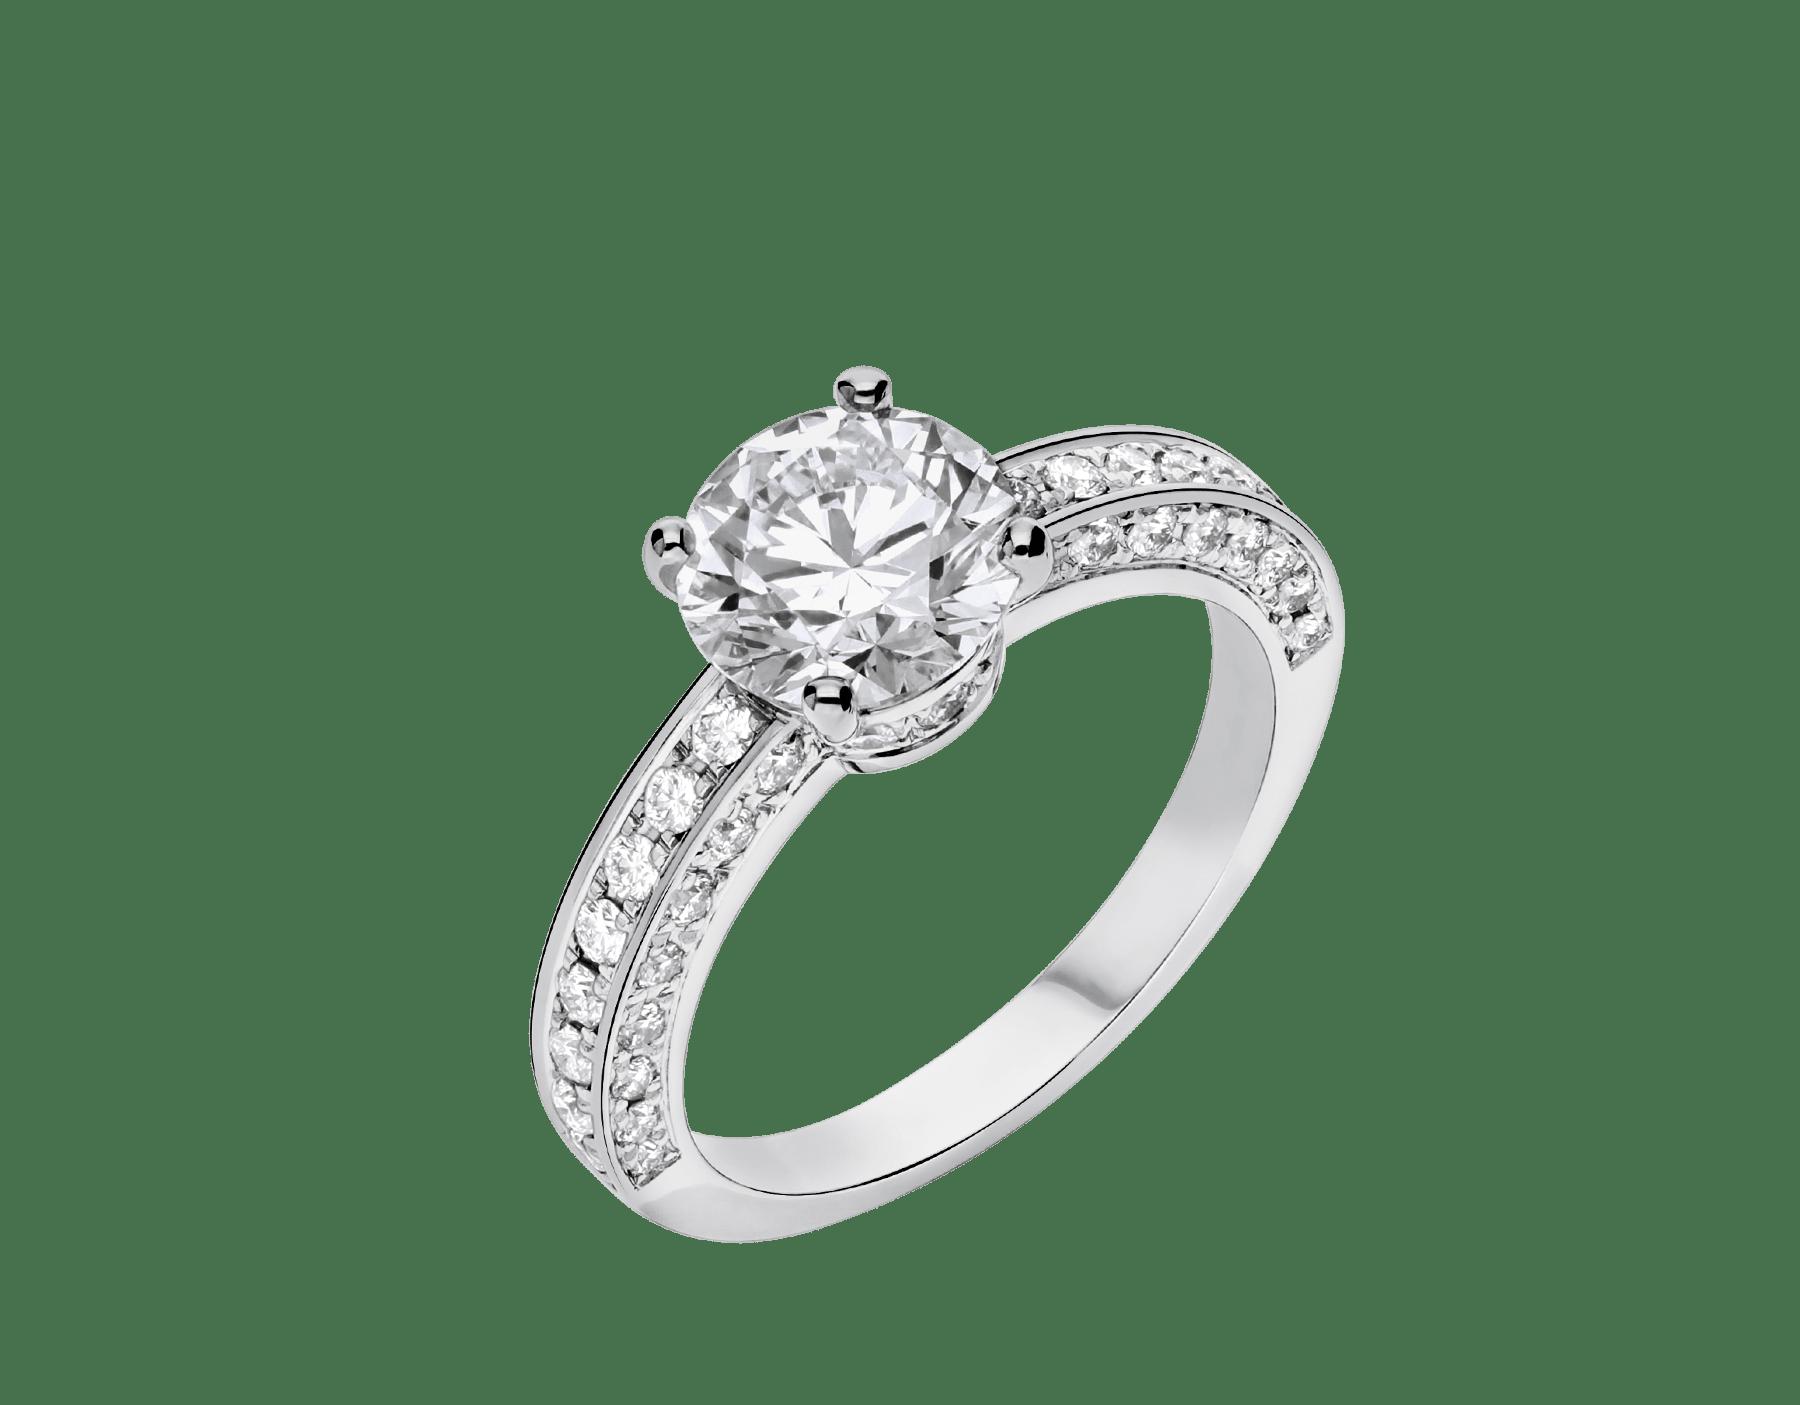 Dedicata a Venezia: solitaire1503 en platine serti d'un diamant rond taille brillant et pavé diamants 343367 image 2